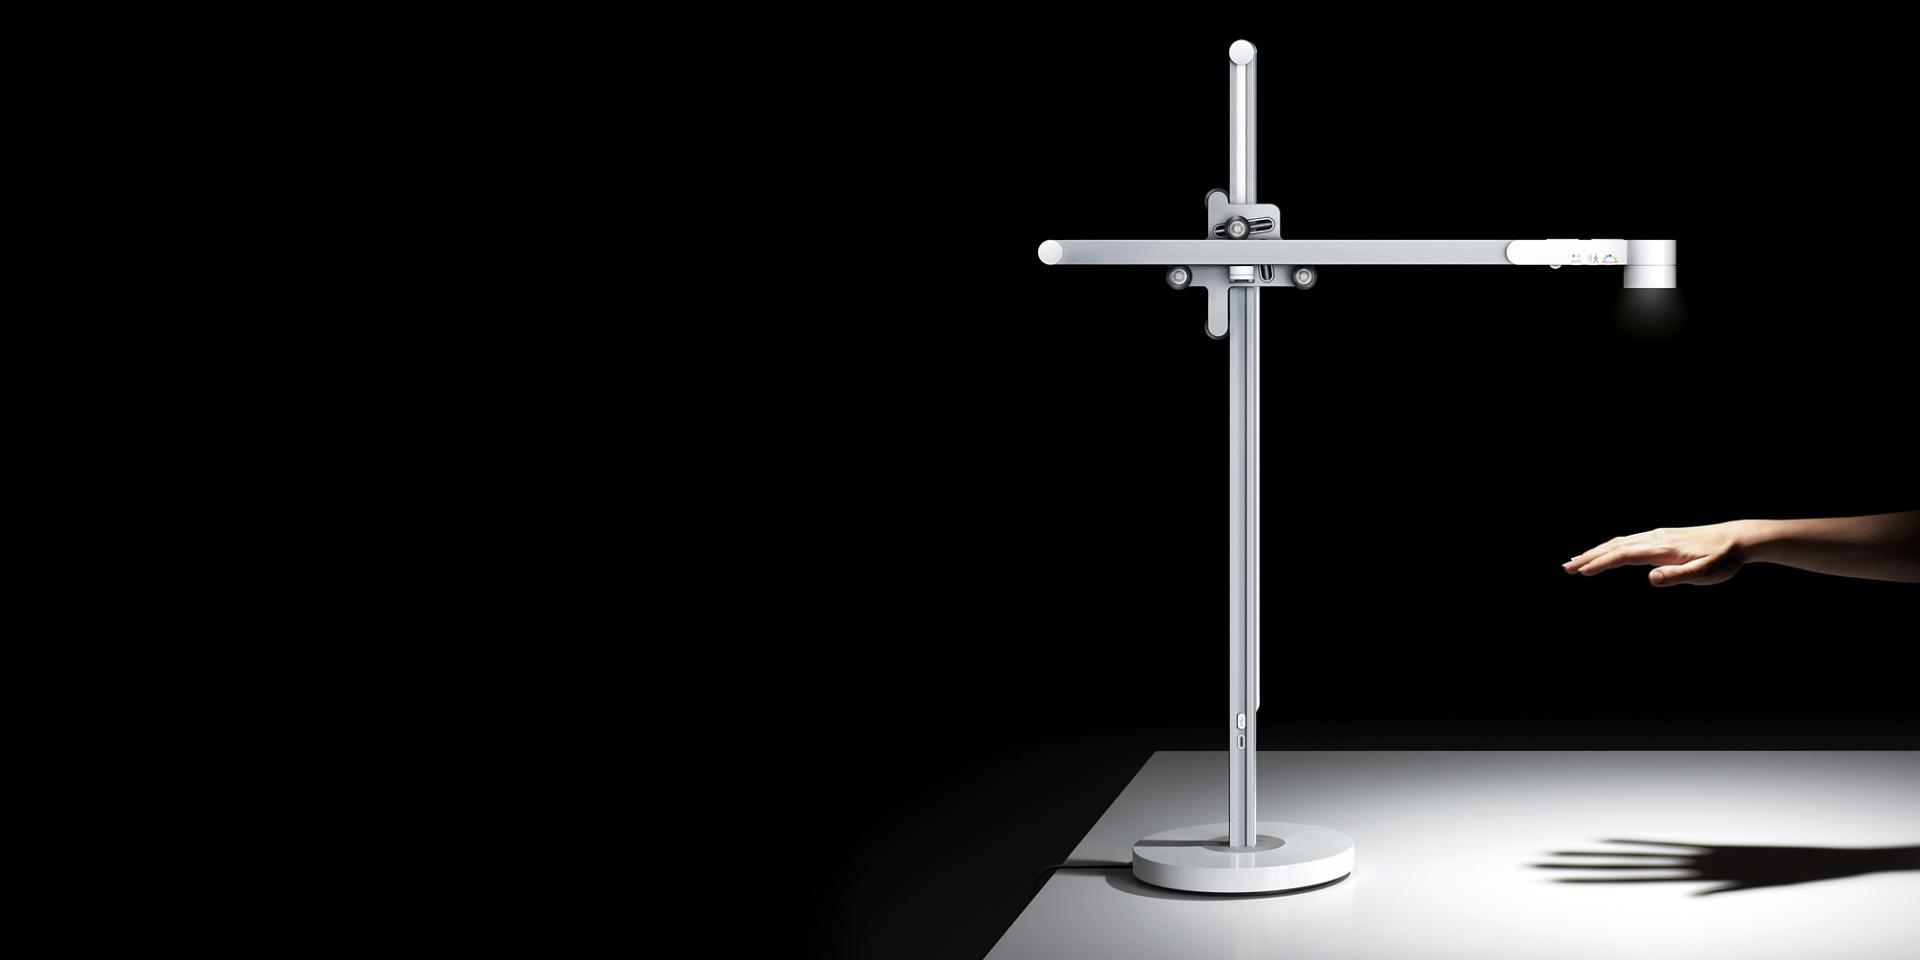 손에 강한 빛을 발산하는 다이슨 라이트 싸이클™ 테스크 조명